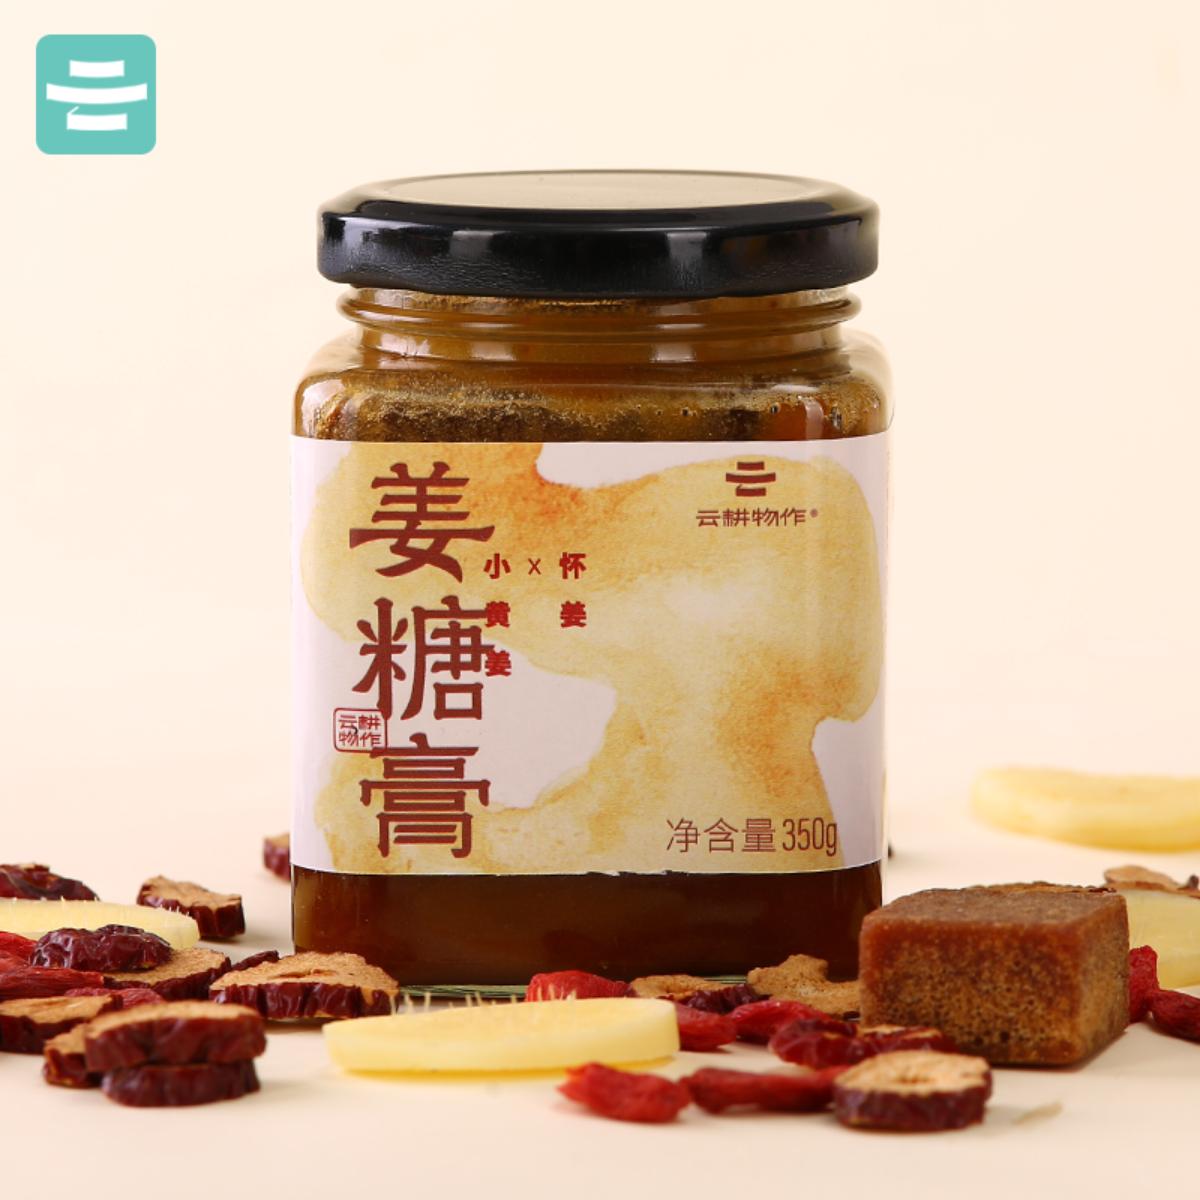 云耕物作怀姜糖膏升级版 正品 红枣枸杞红糖生姜枣茶